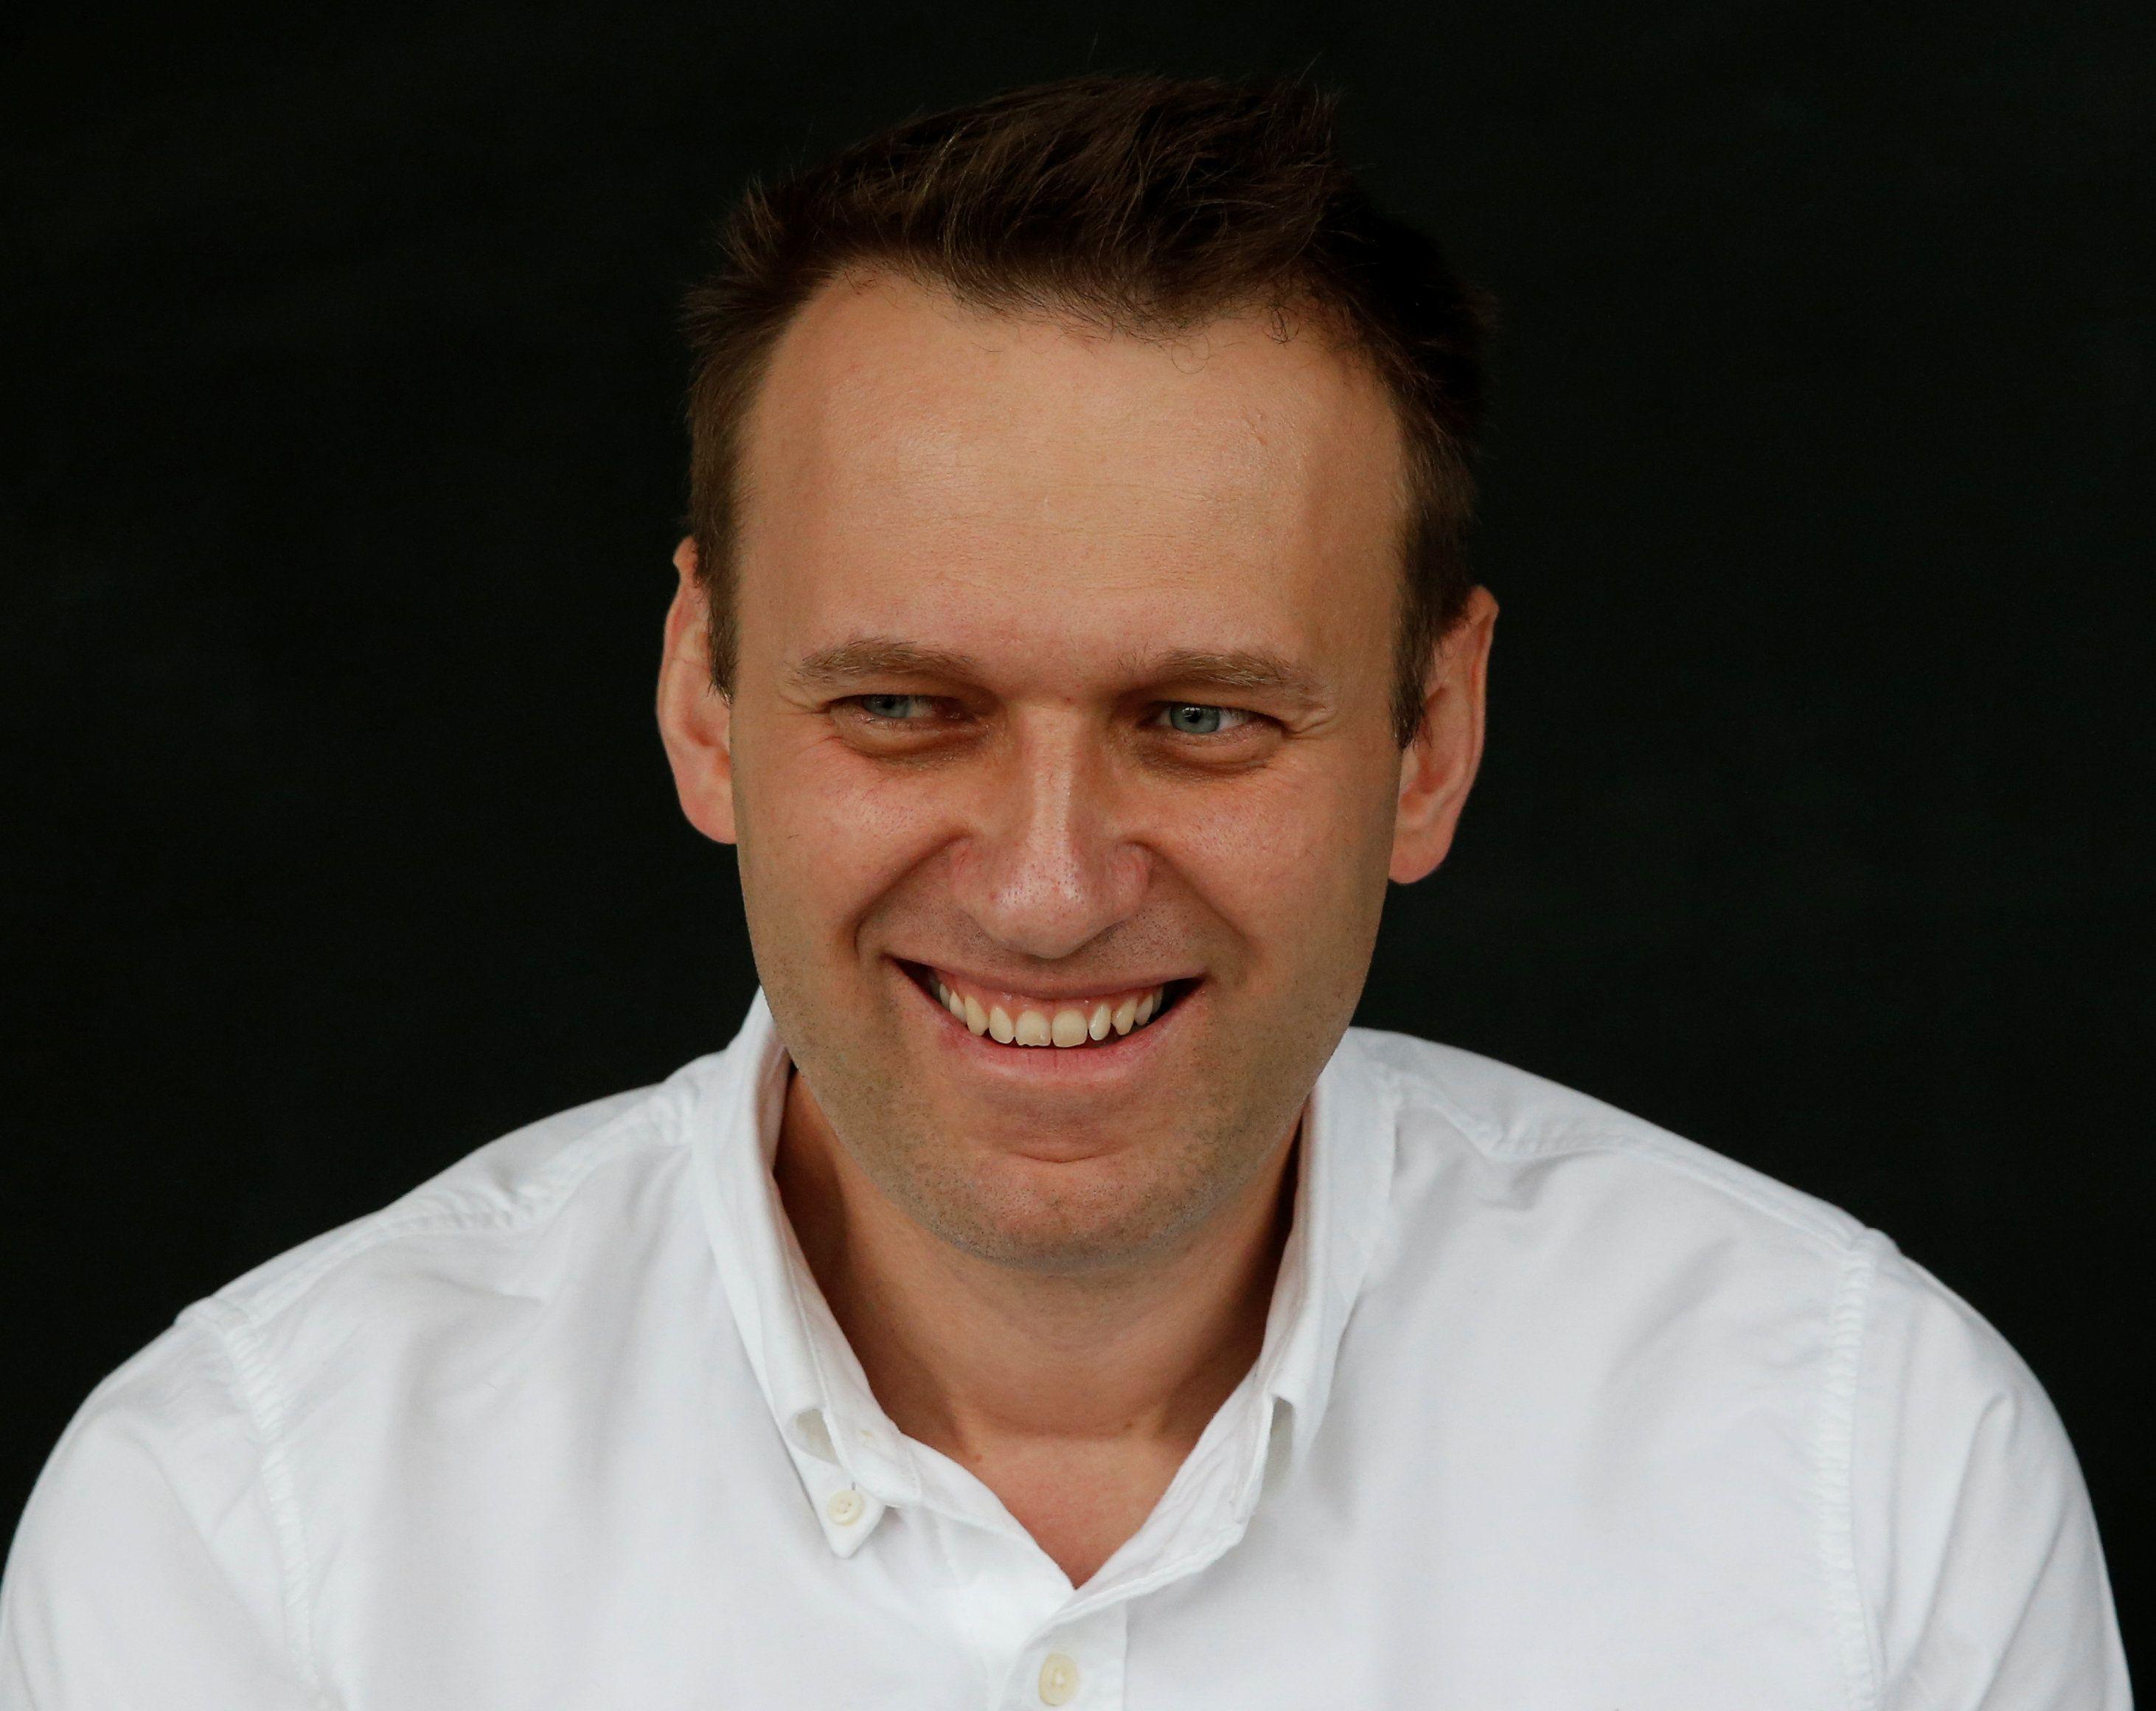 Головний лікар стверджує, що в організмі Навального не знайшли отруту – Навальний новини сьогодні